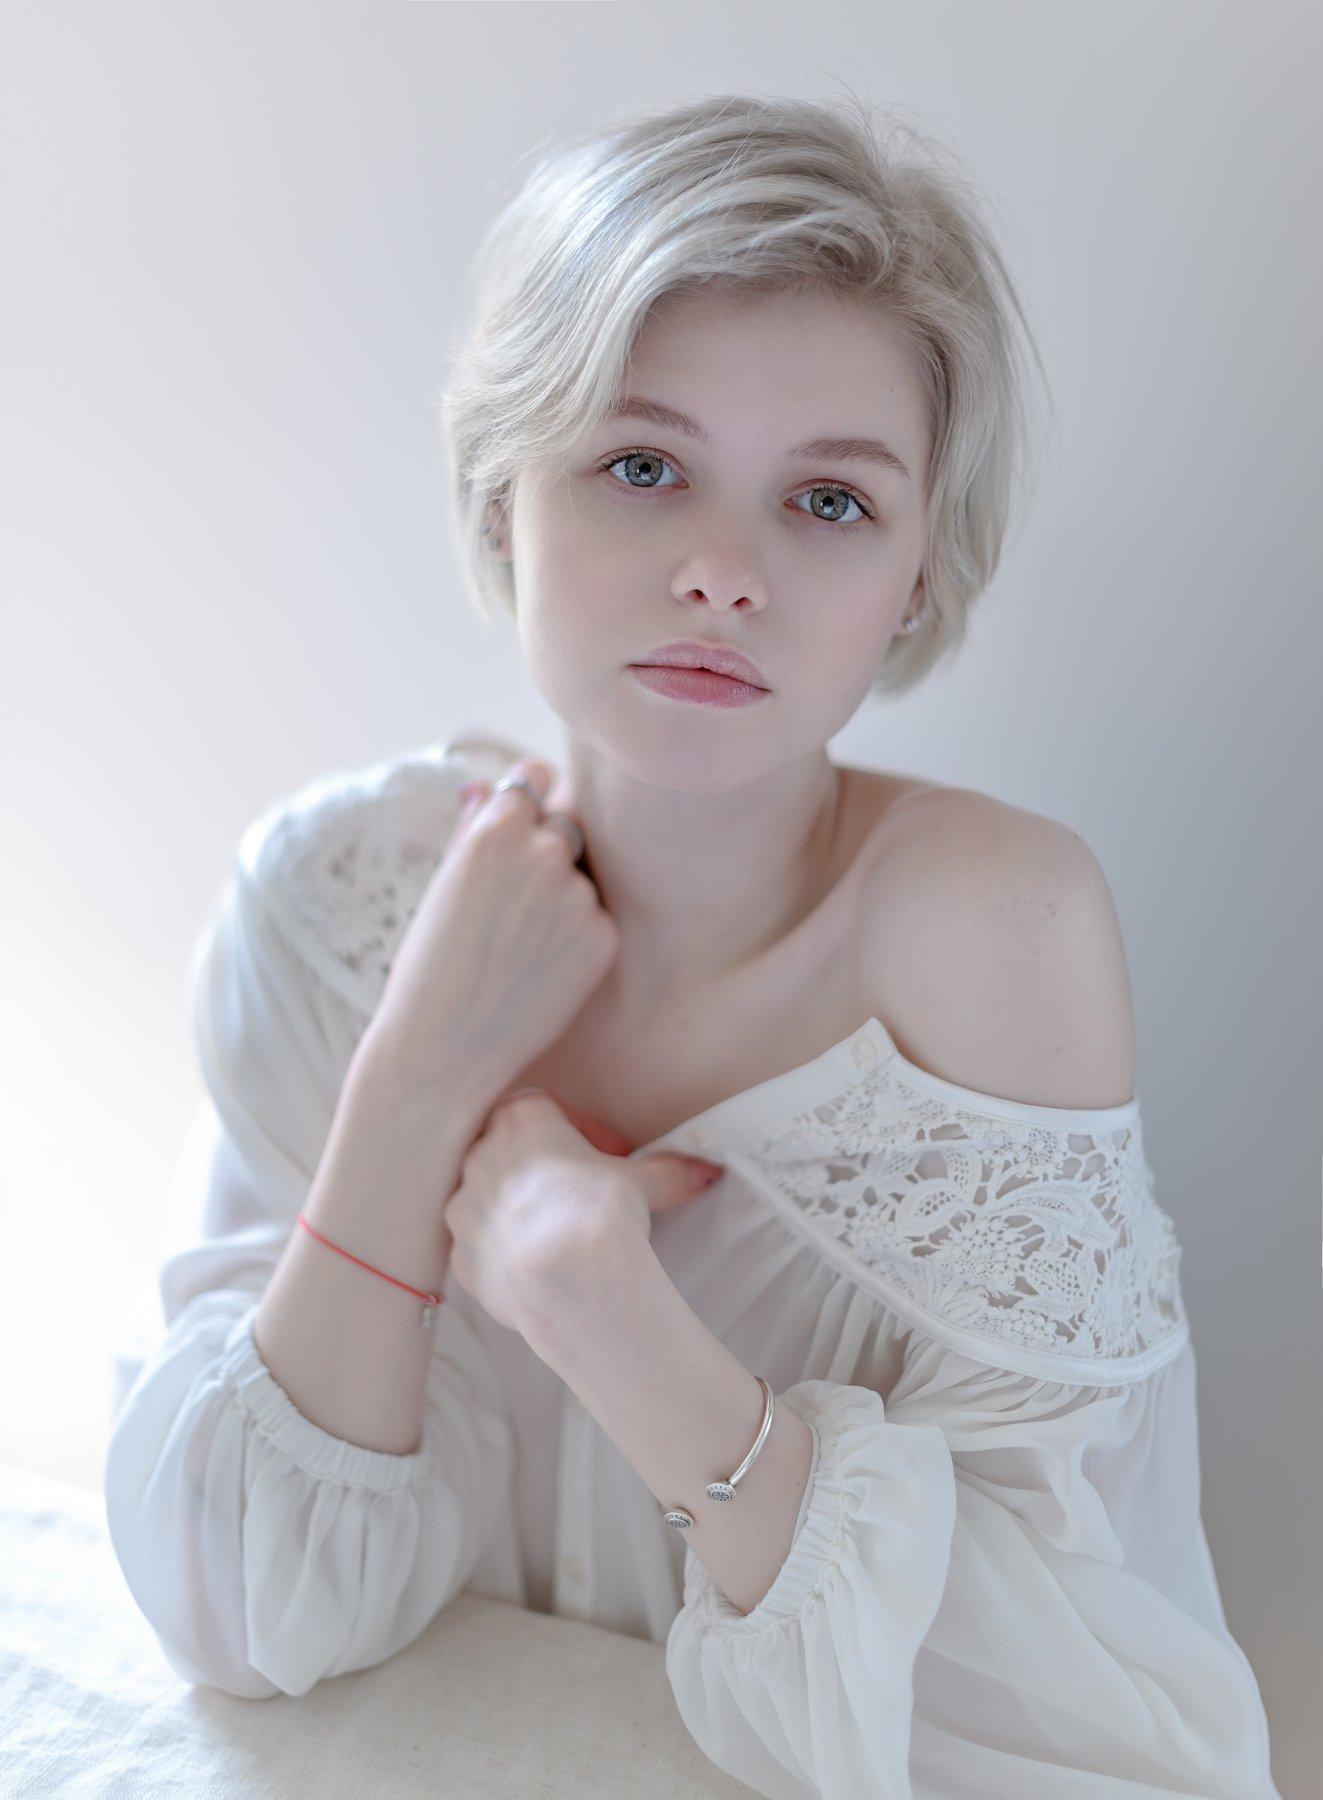 fine art , постановочная фотография ,жанровый портрет, губы , portrait, Kholodova Natalia